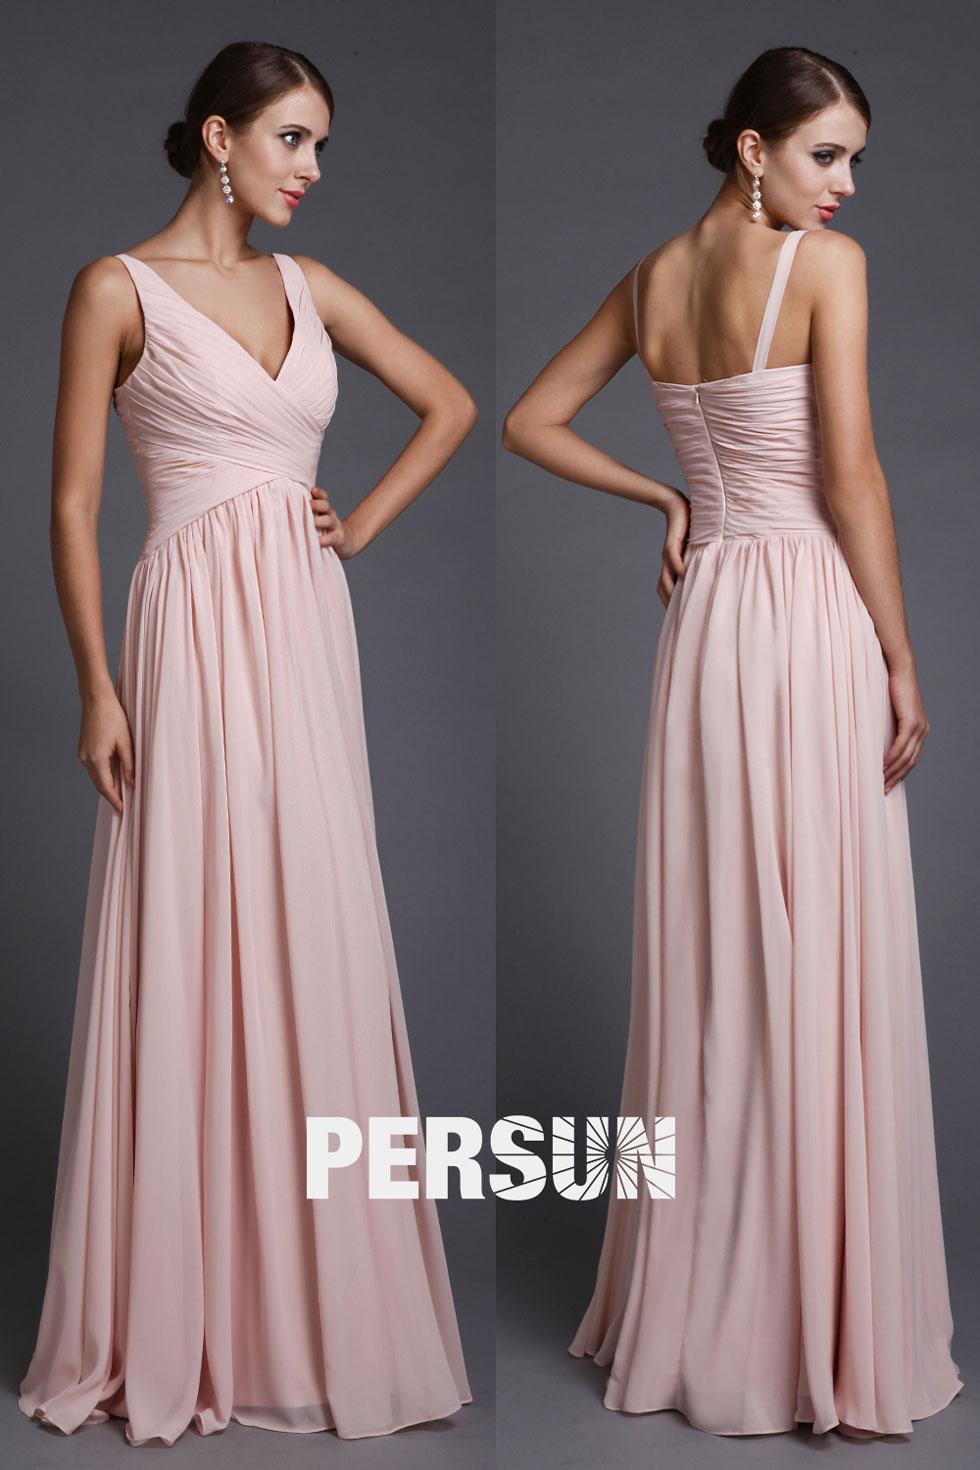 simple robe pour invitée de mariage ou cortège